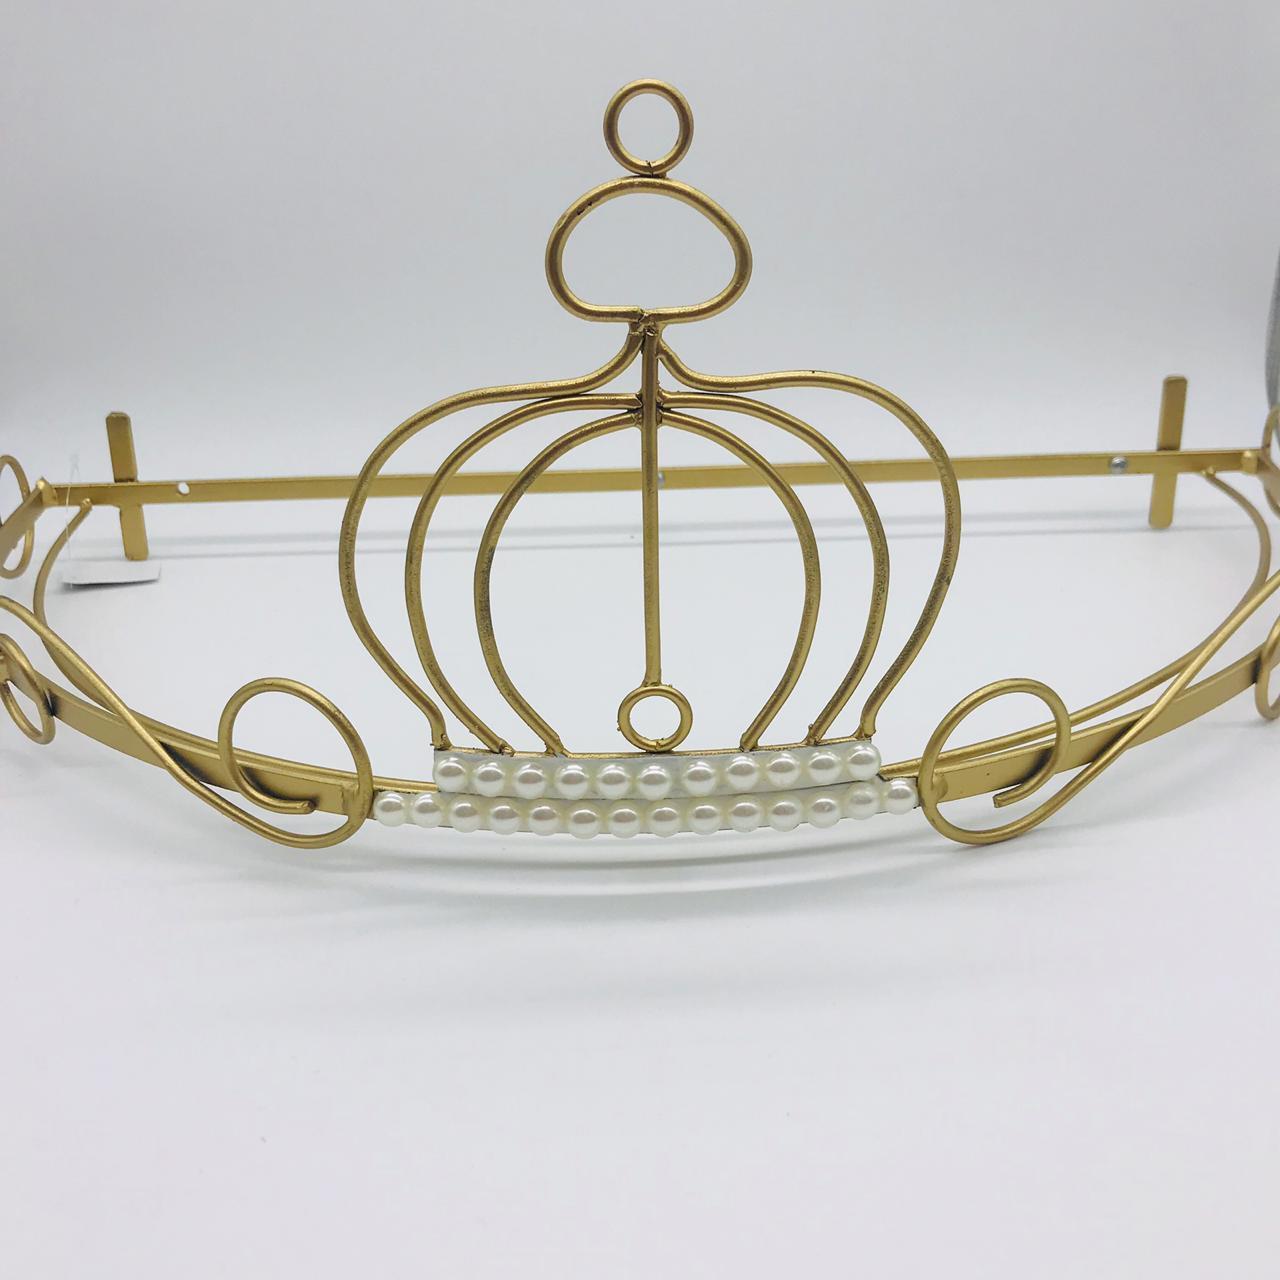 Dossel Dourado Coroa Com Perolas - Magia e Fantasia Ref 7935